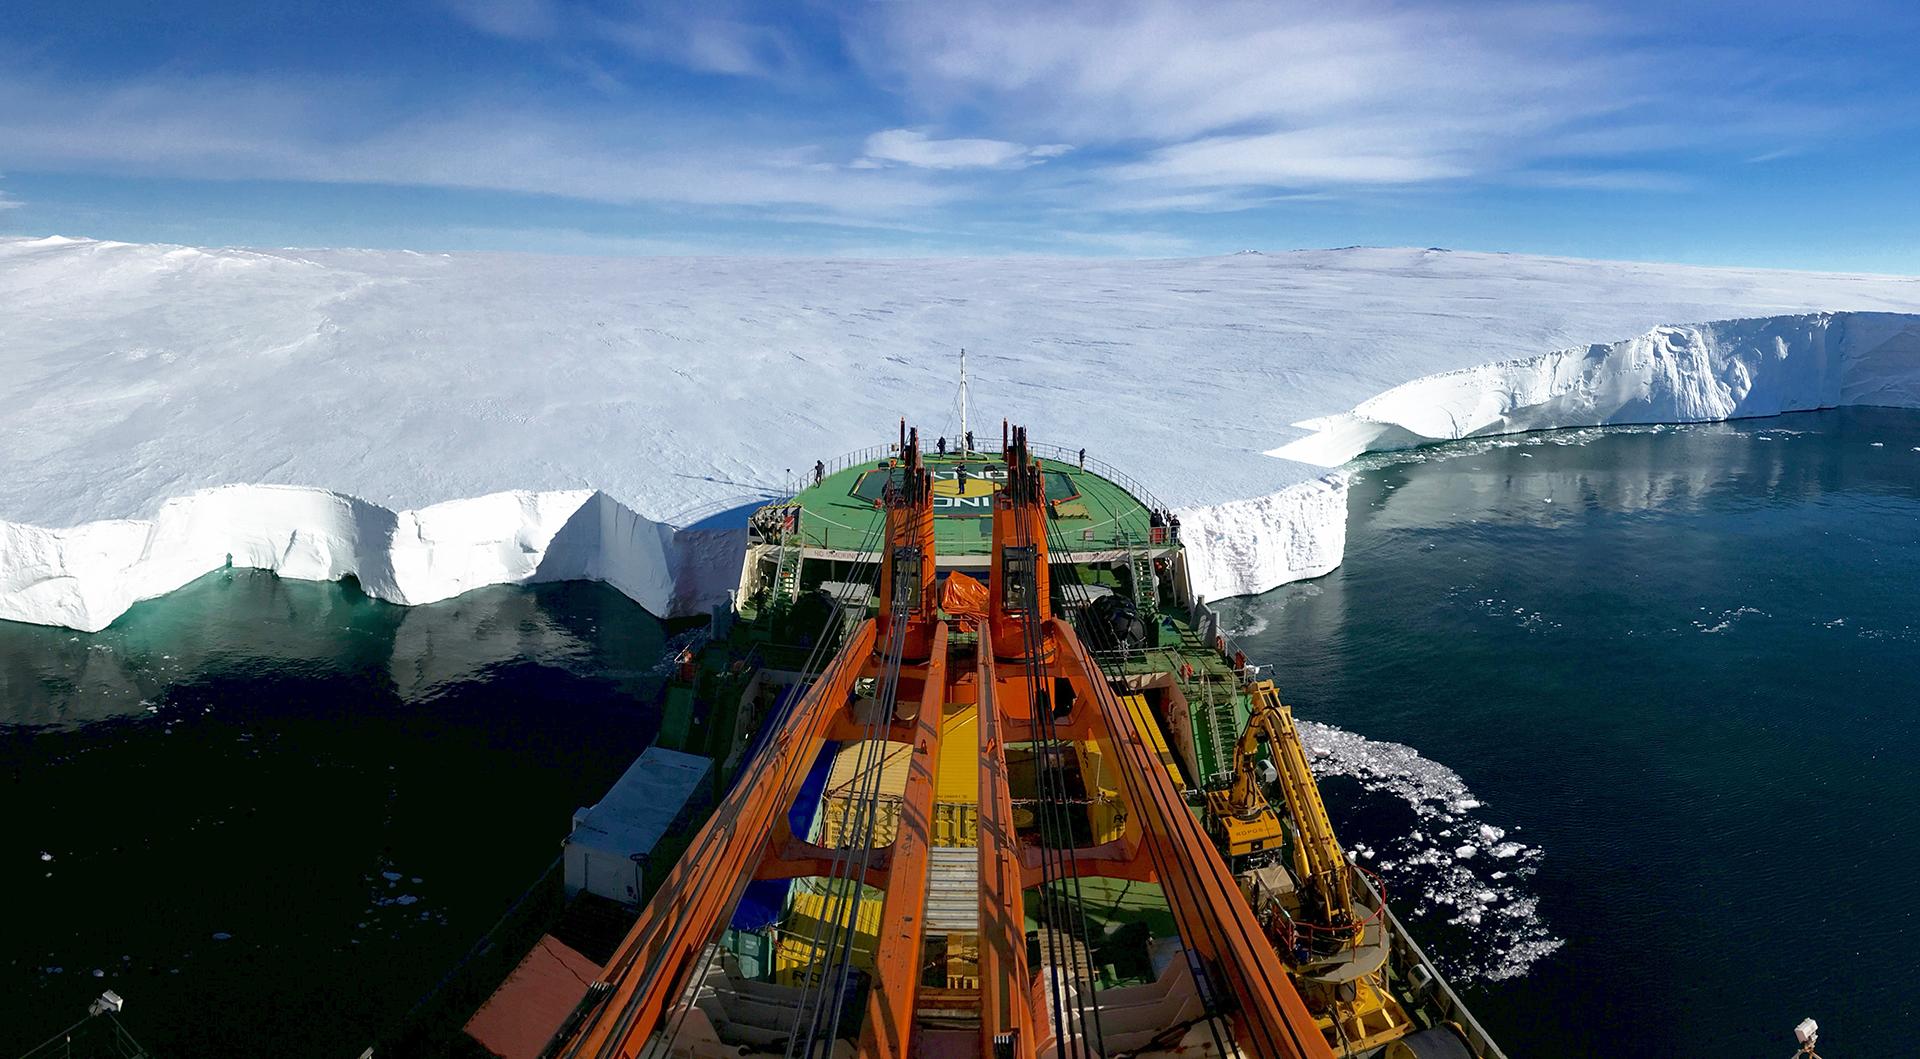 """Finalista en Ciencias de la Tierra y climatología. """"Inclinese primero"""", por Giuseppe Suaria. El buque de investigación ruso Akademik Tryoshnikov apoya la proa contra el morro del glaciar Mertz en la Antártida oriental. La foto fue tomada momentos antes de desplegar ROPOS, un Vehículo Submarino Operado Remoto (ROV) bajo la lengua del glaciar para investigar el derretimiento de la capa de hielo después de que un trozo de hielo que sobresalía 100 kilómetros (62 millas) hacia el Océano Austral se separó del cuerpo principal de la lengua en 2010"""